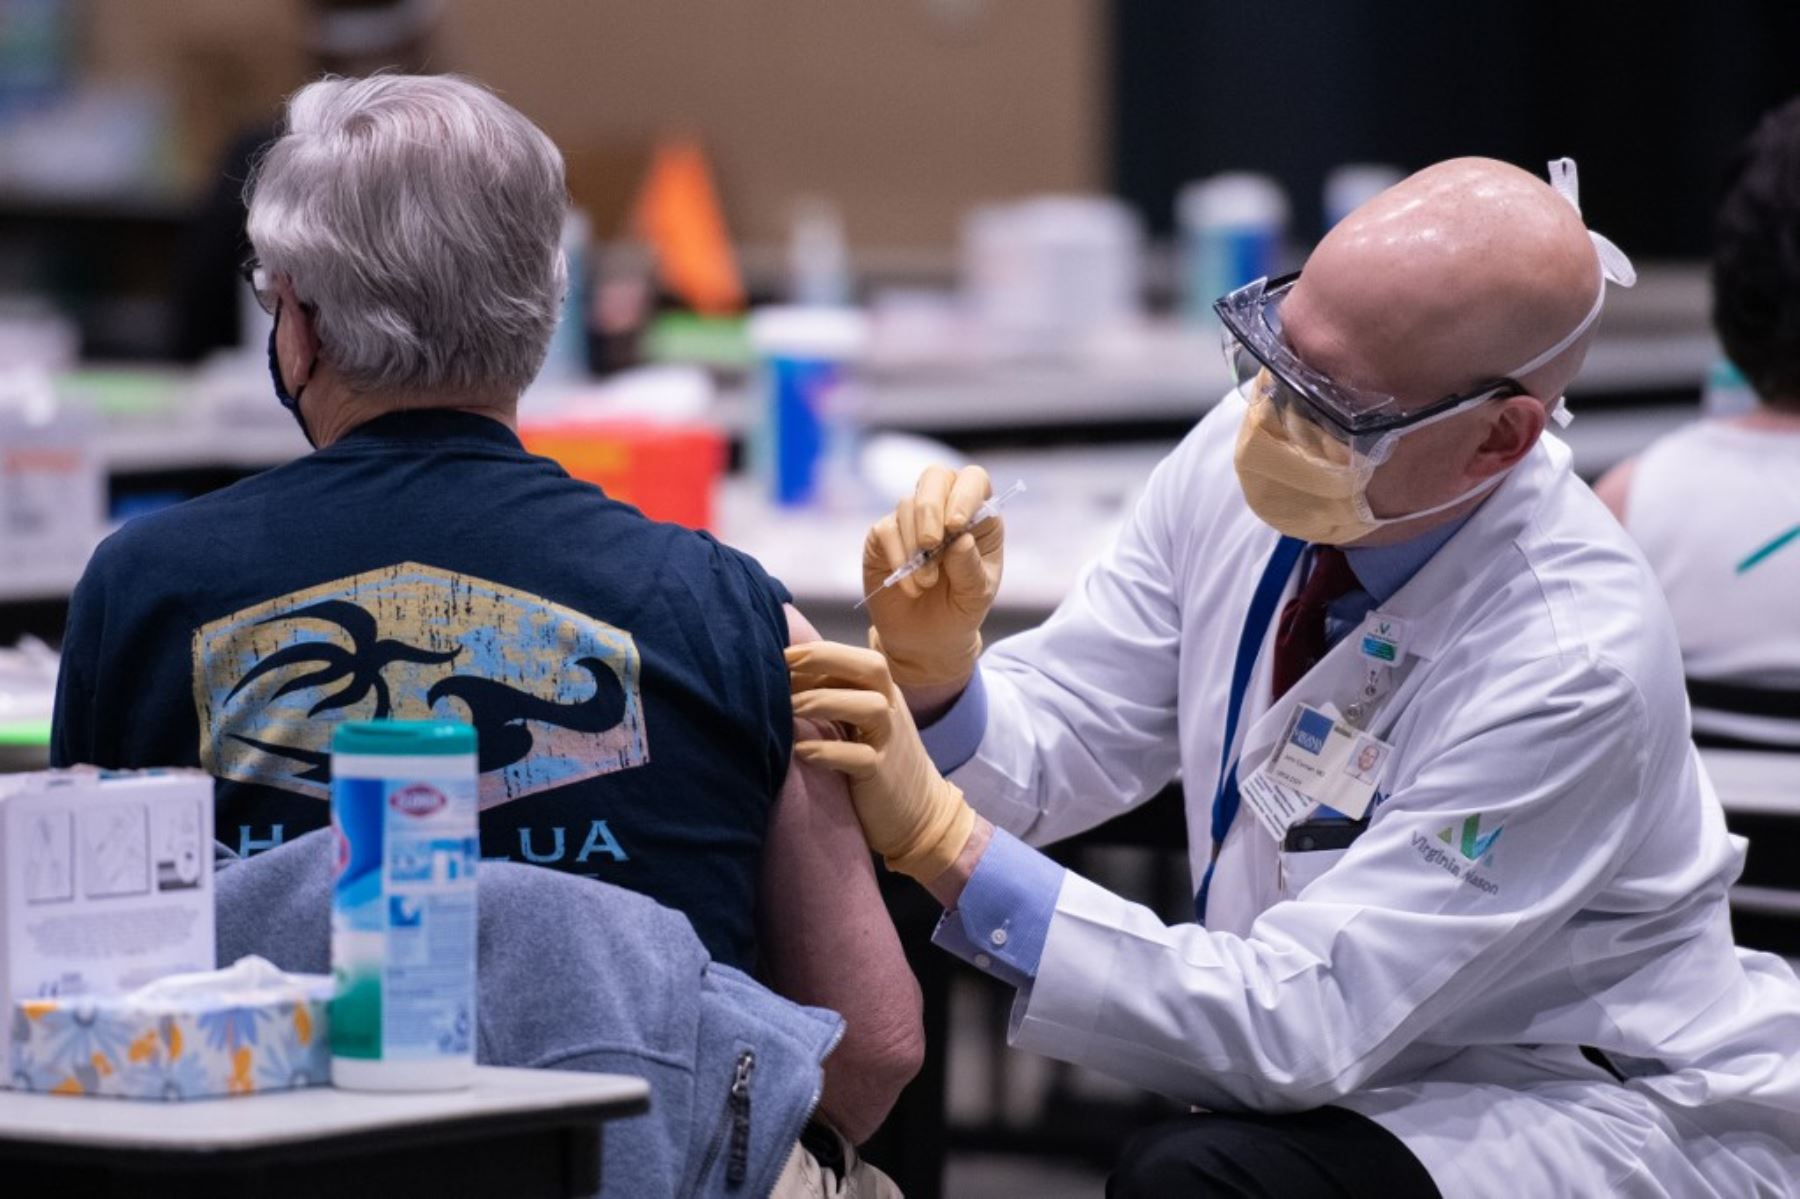 El director clínico John Corman MD en Virginia Mason administra una dosis de la vacuna Pfizer Covid-19 en el Amazon Meeting Center en el centro de Seattle, Washington. Foto: AFP